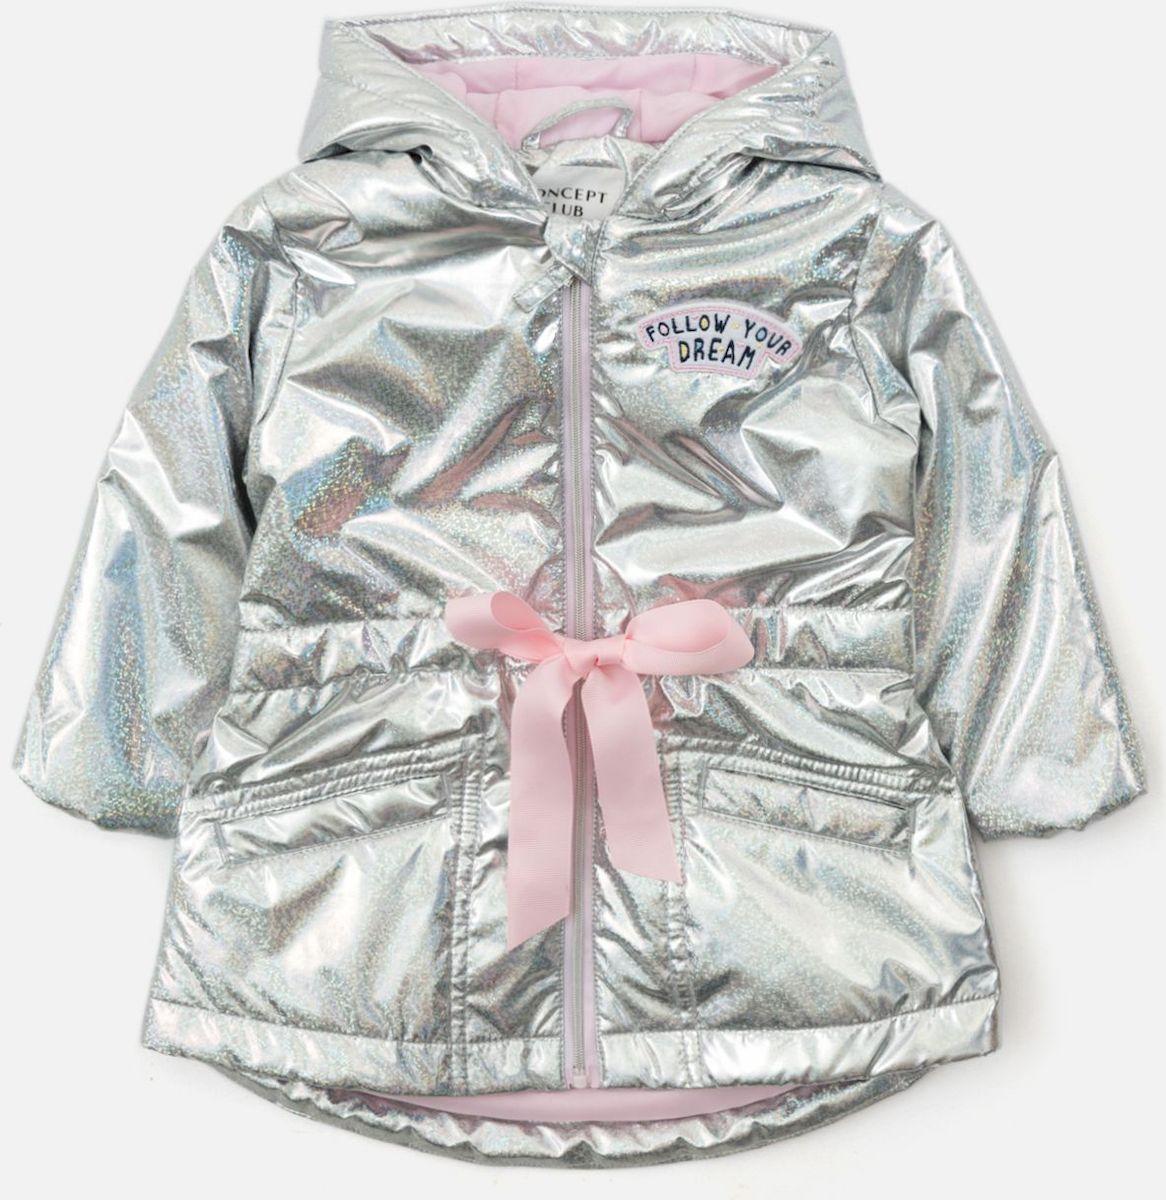 Куртка Acoola Acoola Baby пальто quelle acoola 1022990